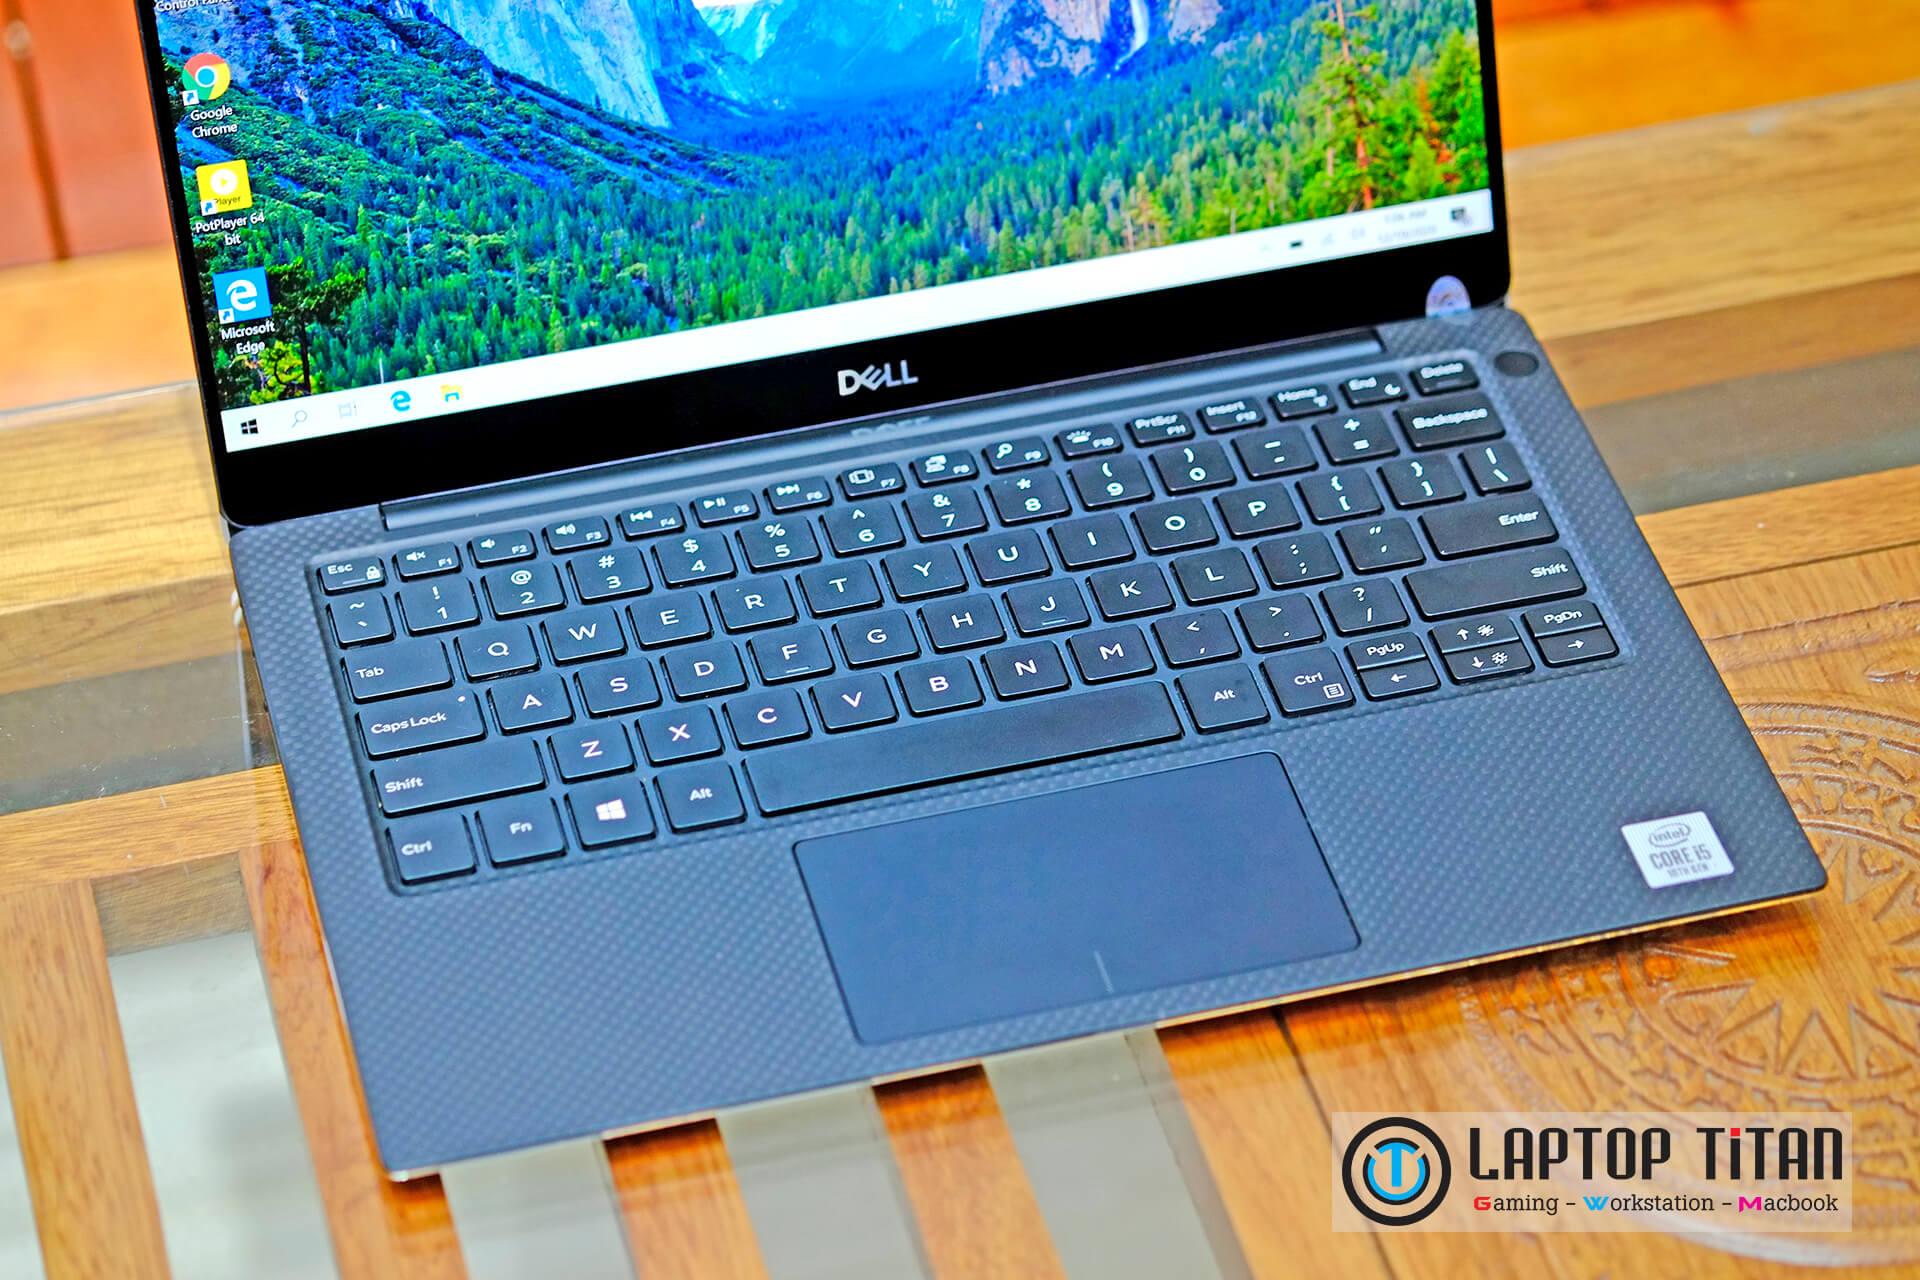 Dell Xps 13 7390 Core i5 10210u / 8GB / 256GB / 13.3-inch FHD Touch / Likenew